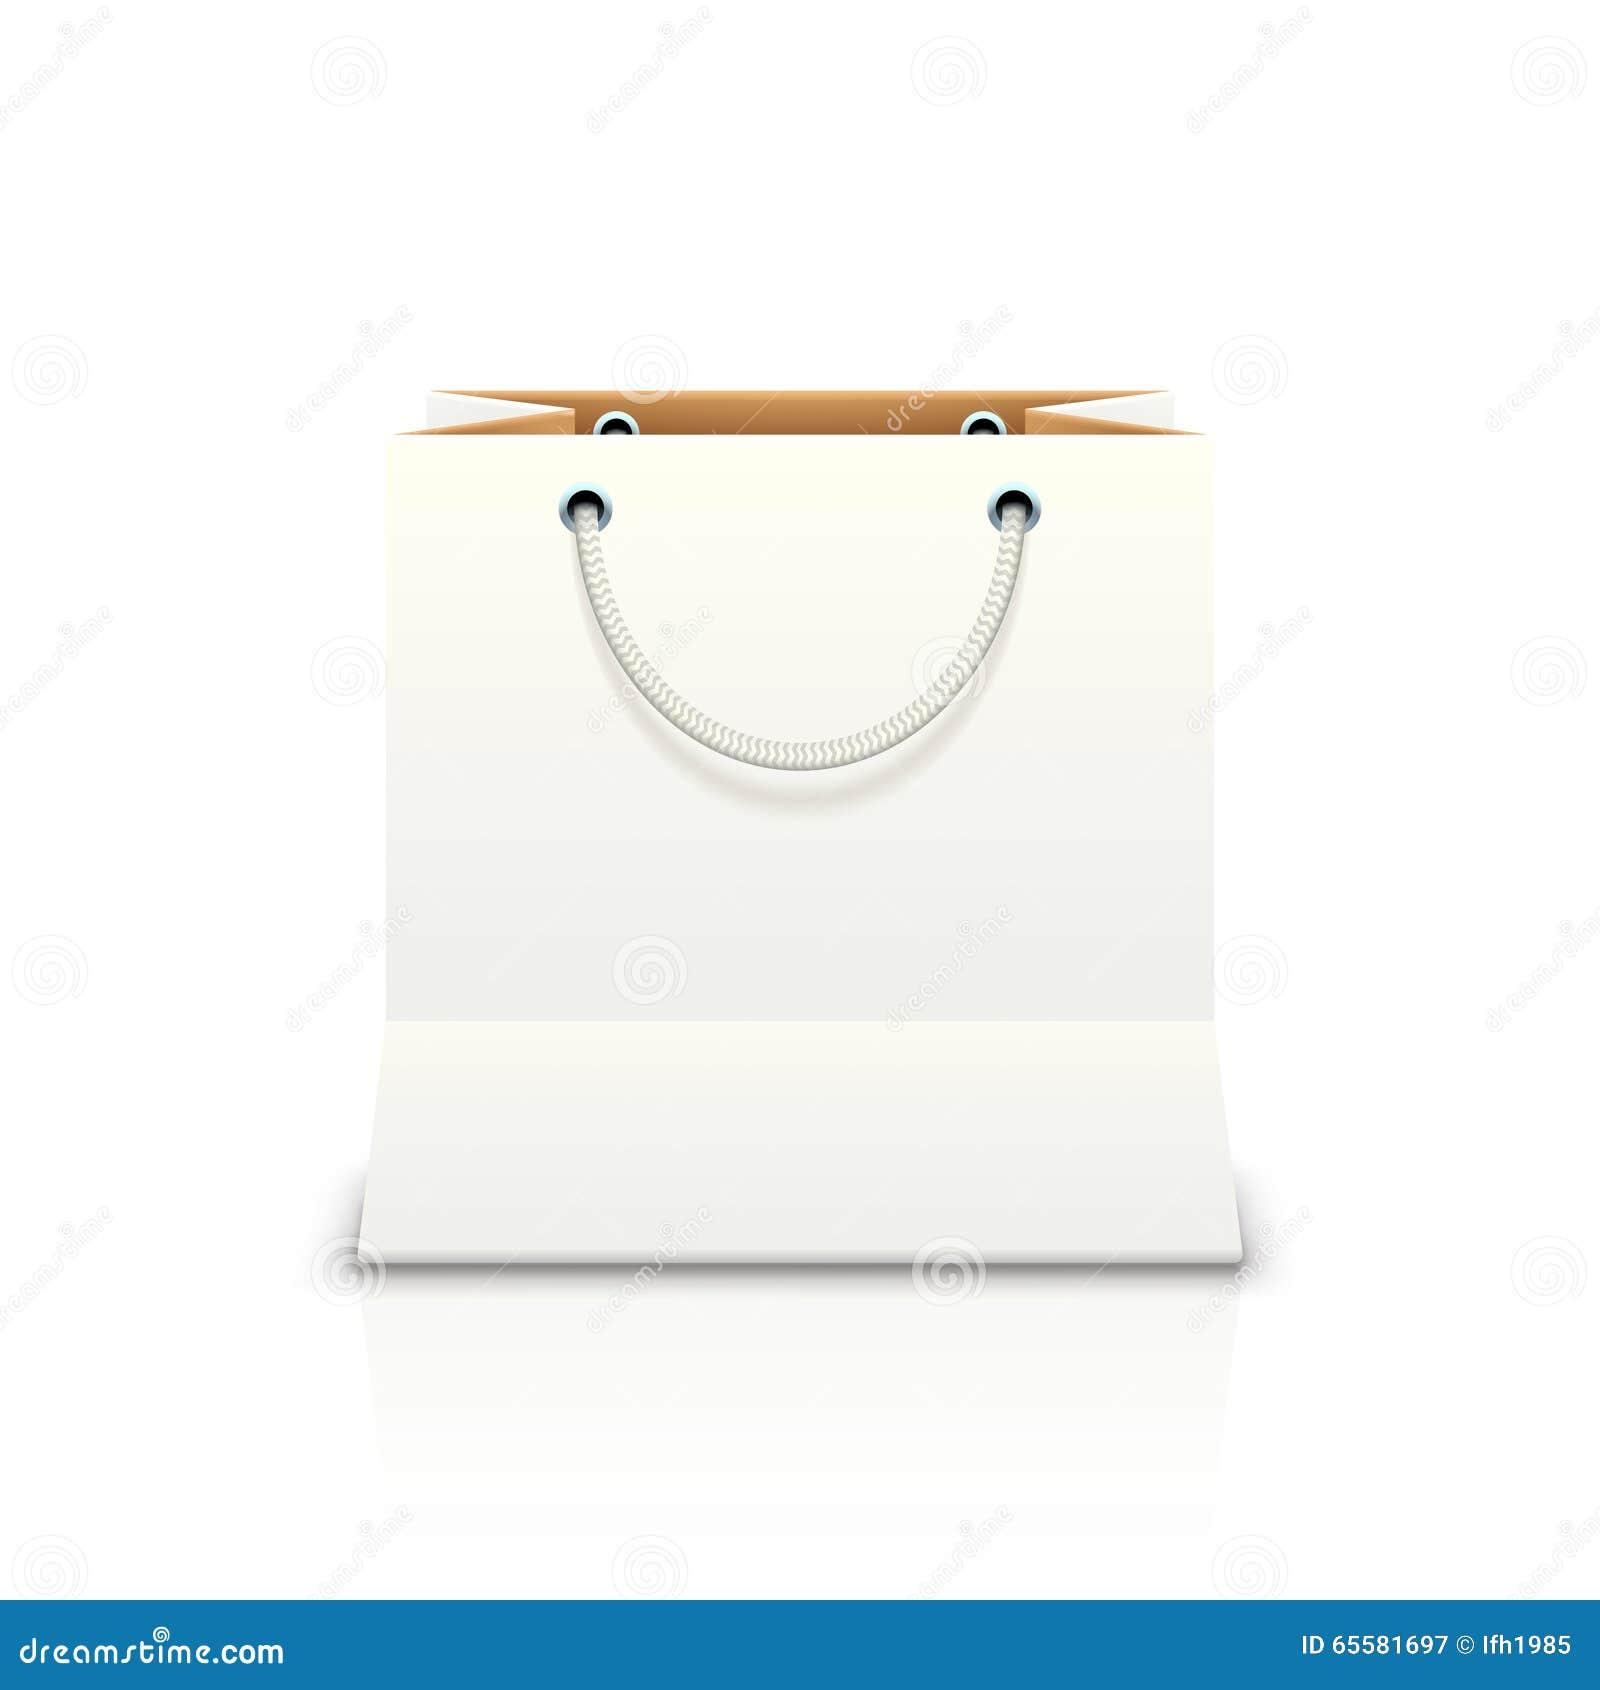 Imagem do saco